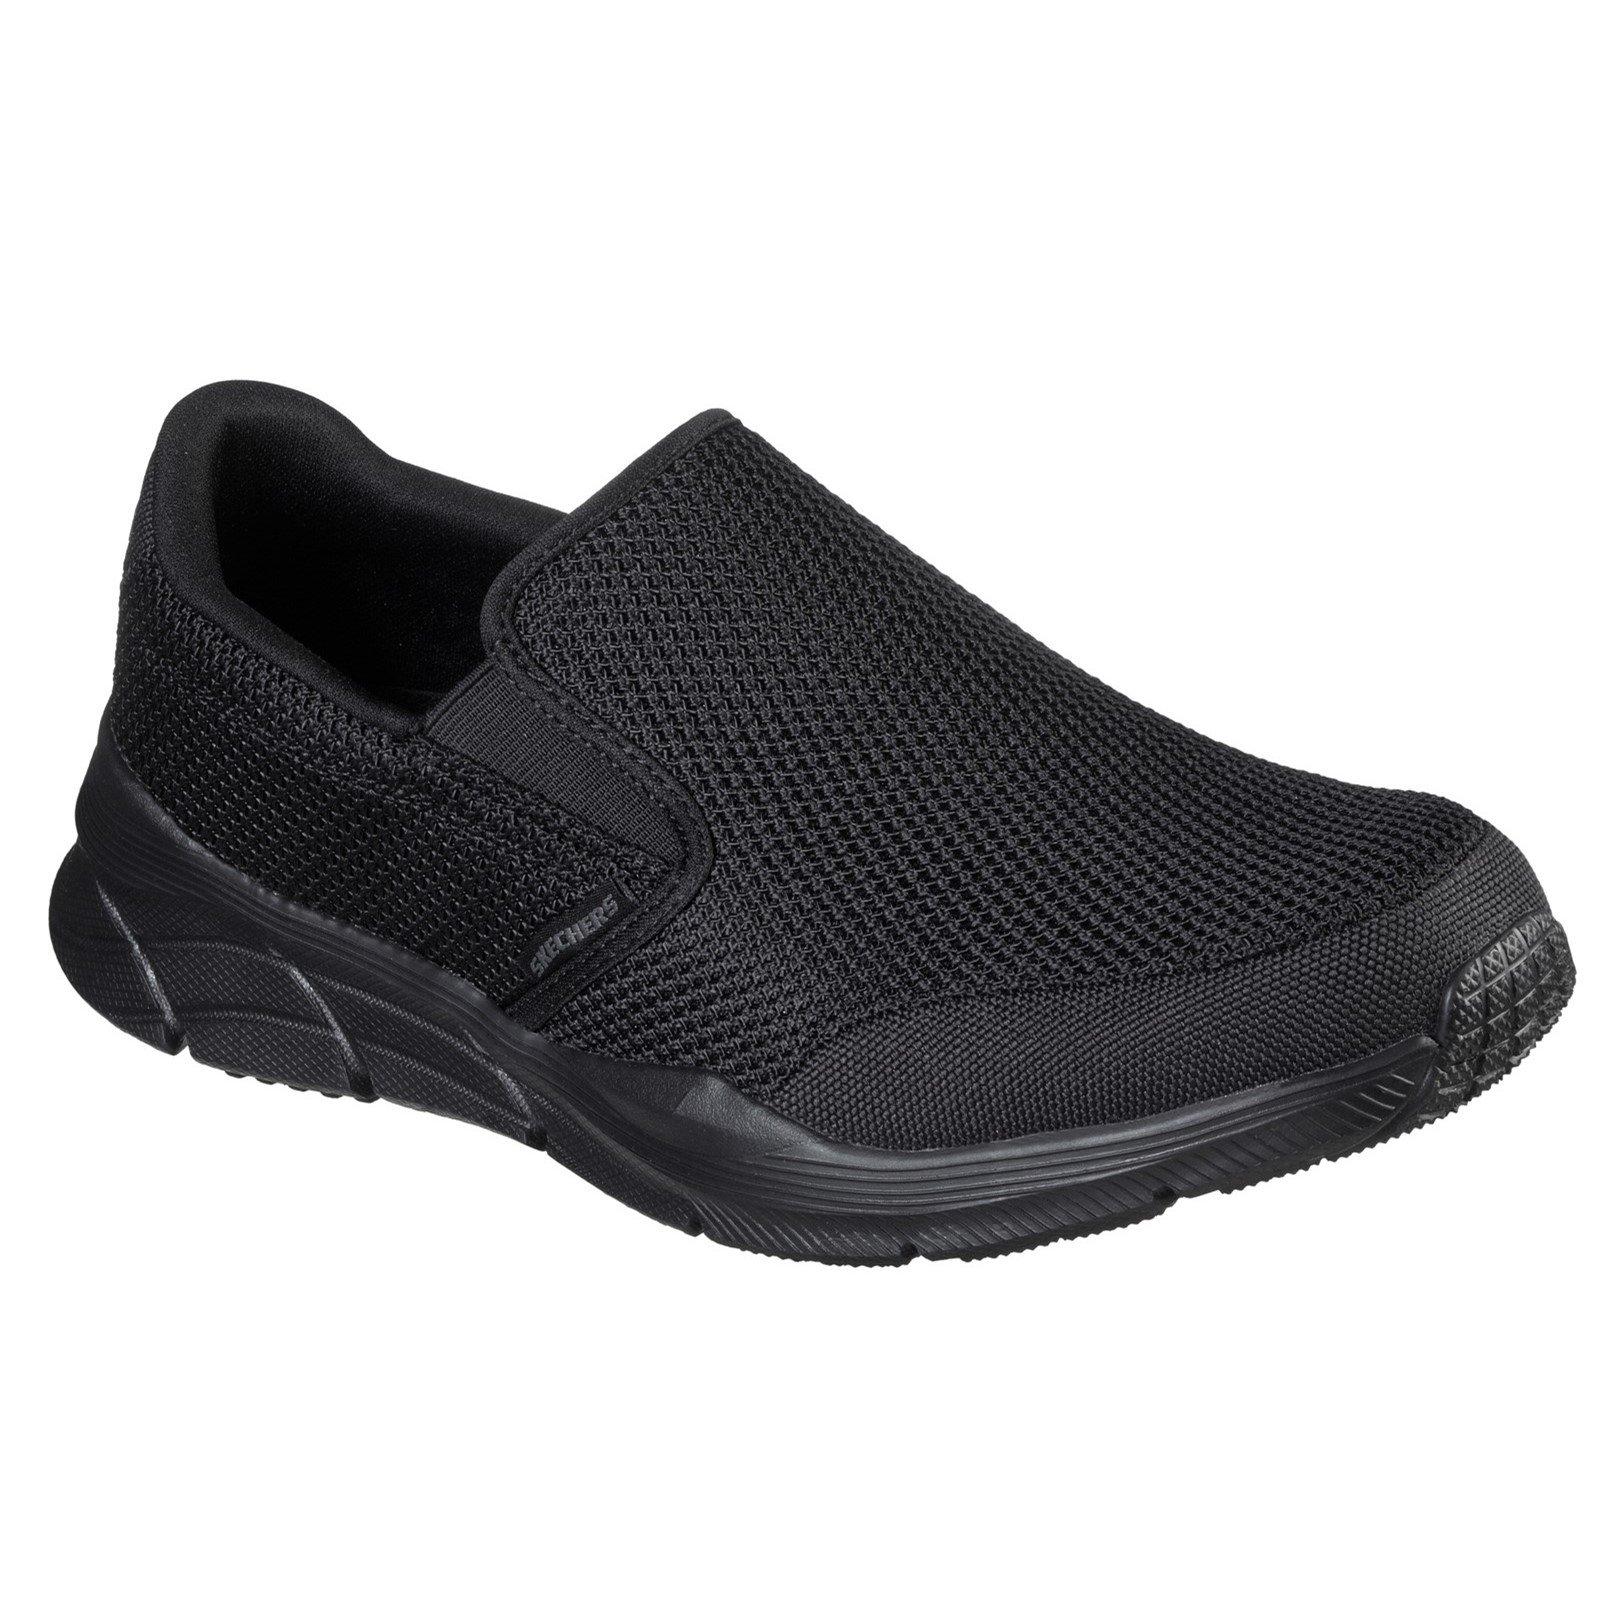 Skechers Men's Equalizer 4.0 Krimlin Wide Trainer Black 33073 - Black 7